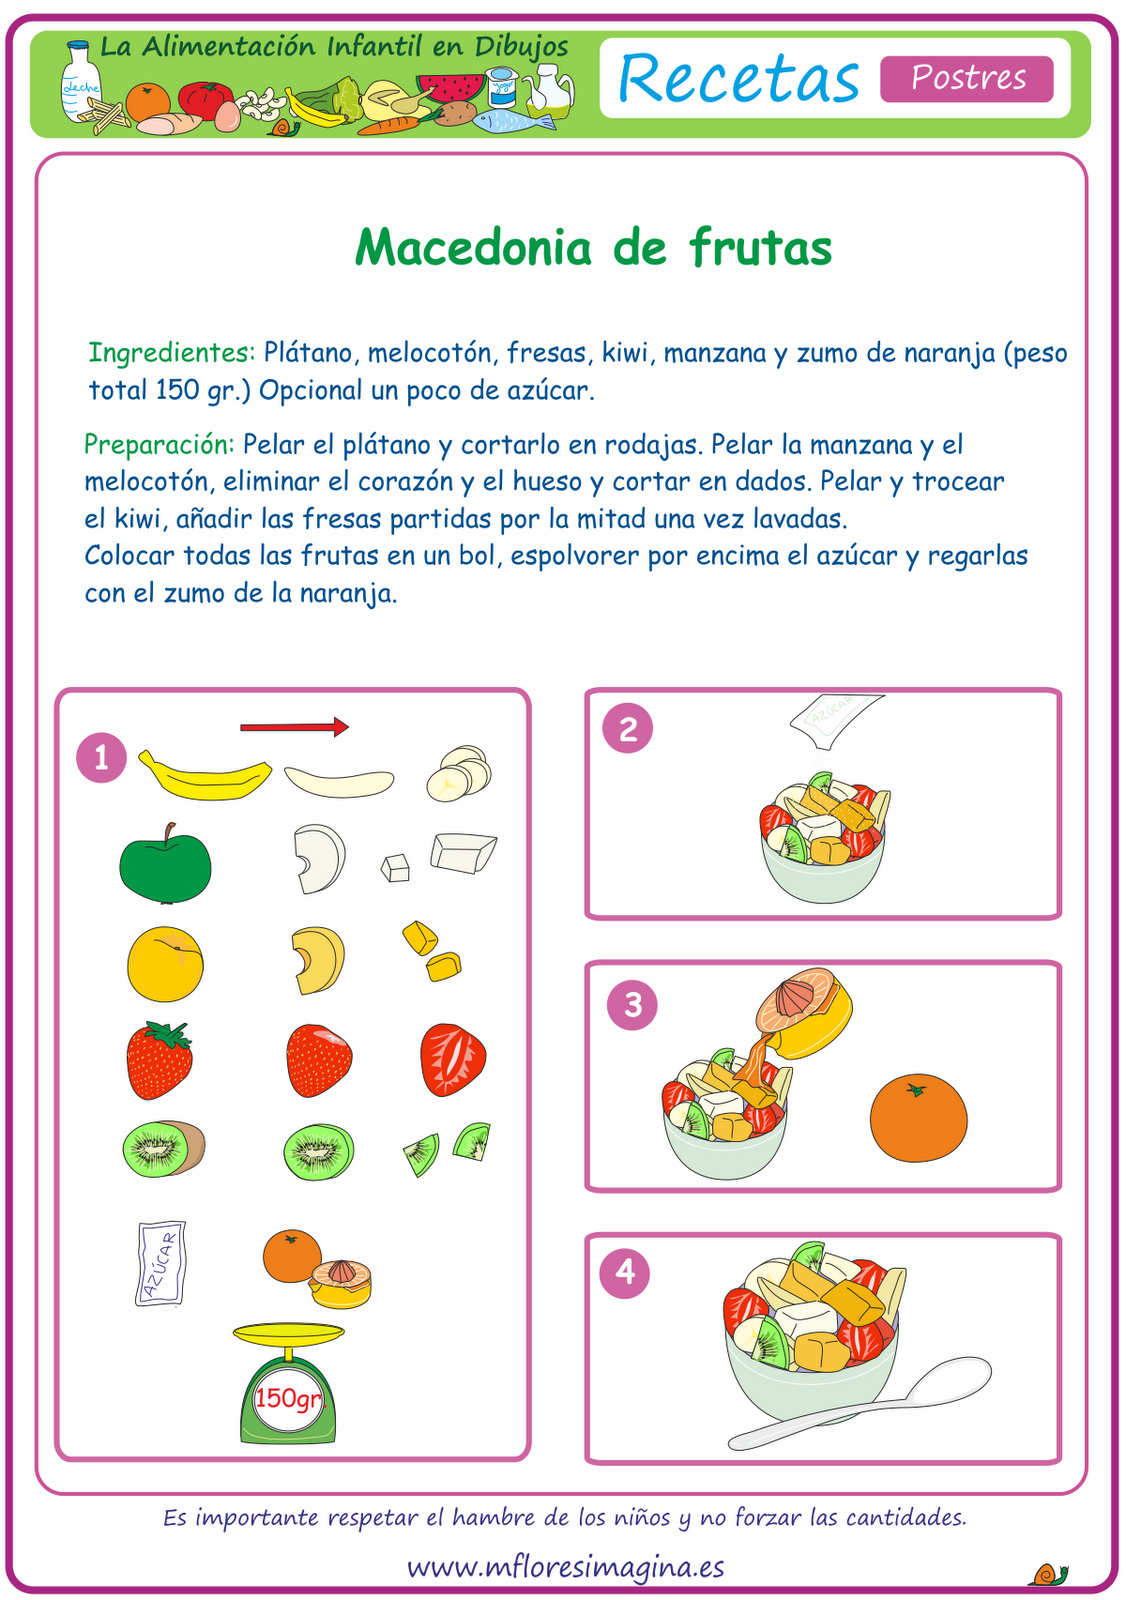 La alimentaci n infantil en dibujos postres for La cocina de los alimentos pdf